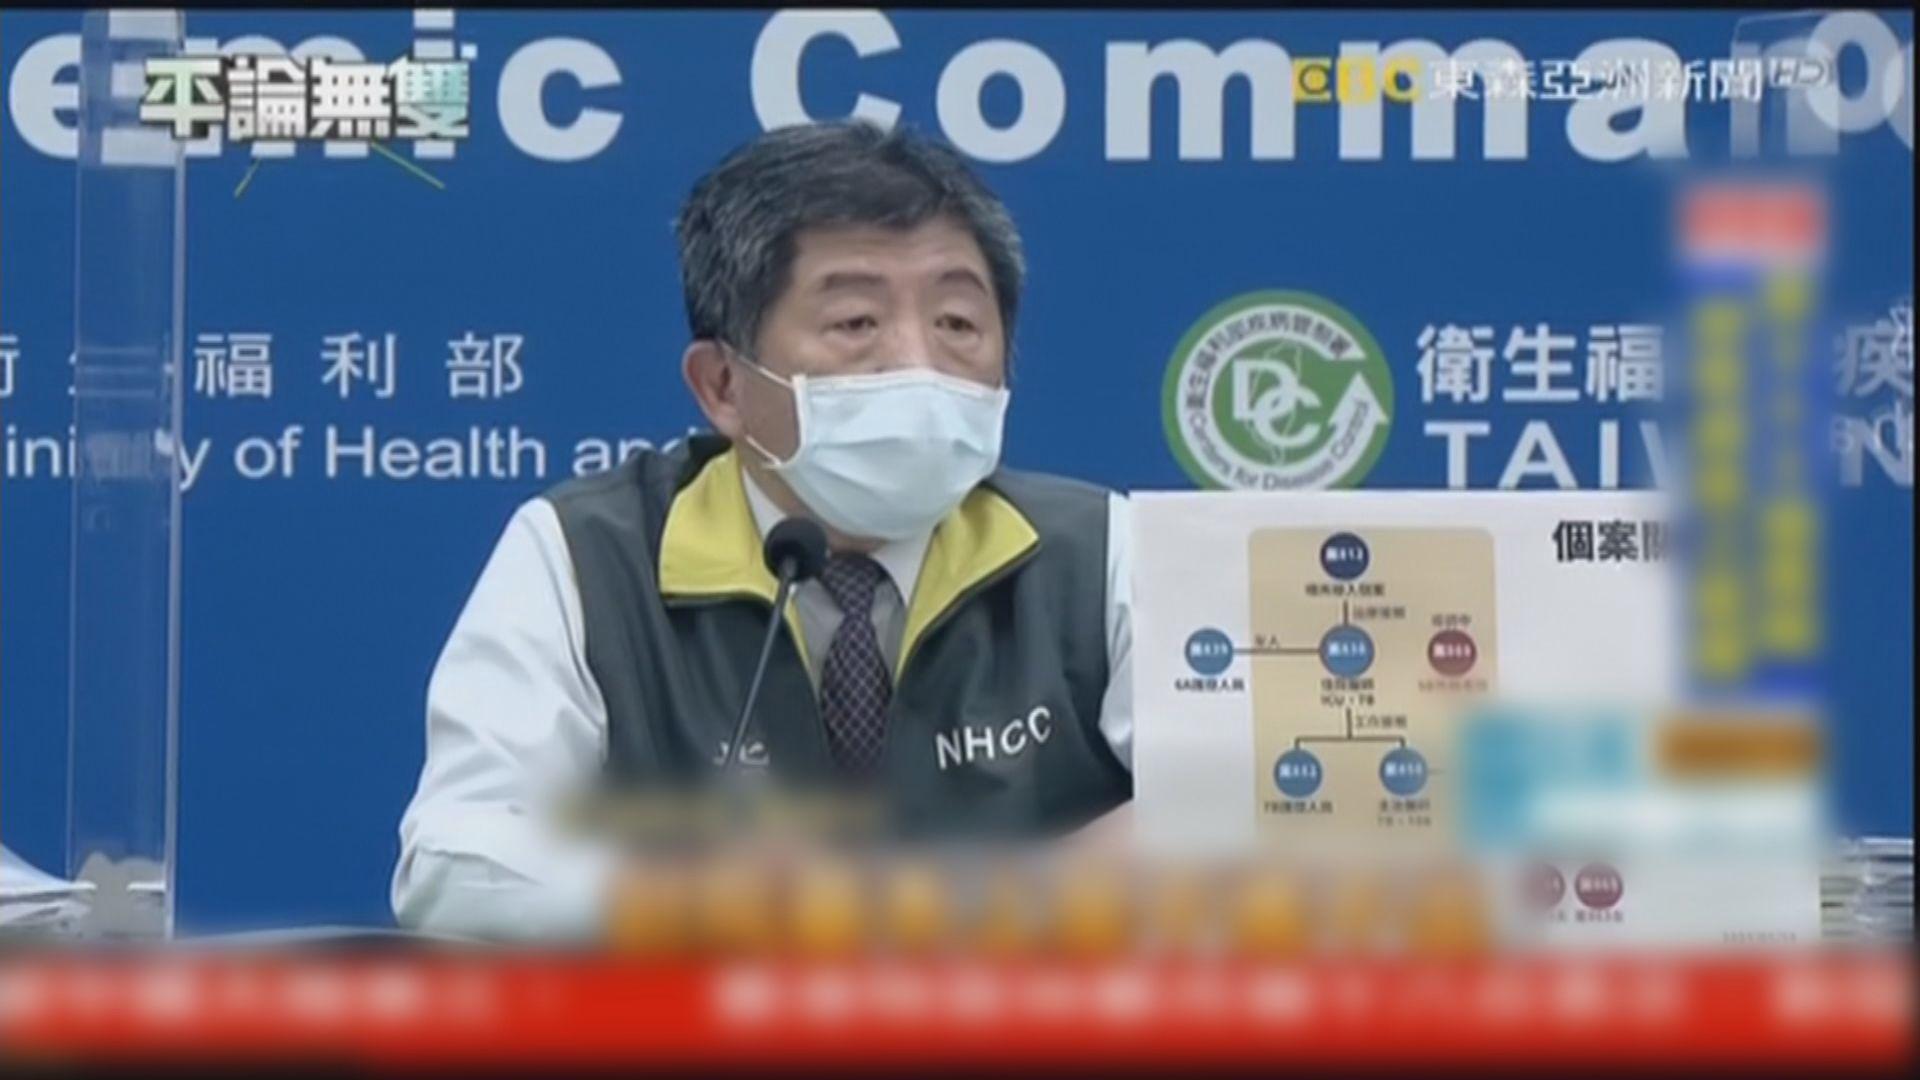 台灣桃園醫院感染群組續擴大 市長宣布停辦燈會及新春團拜活動